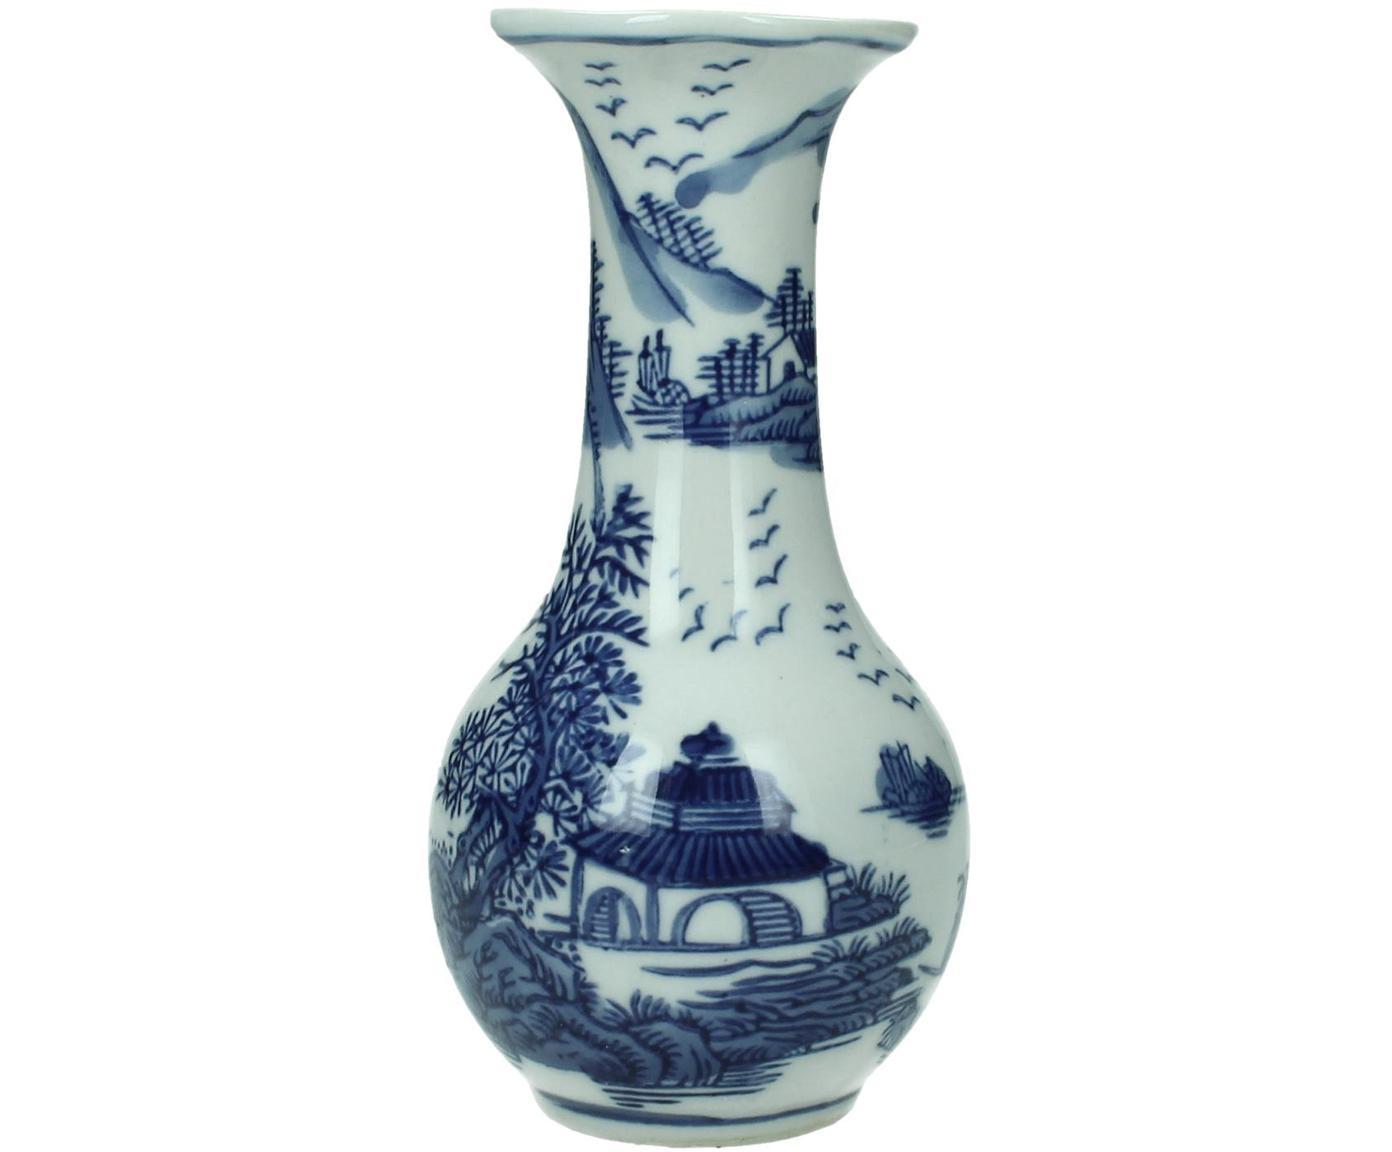 Vaso in ceramica Minno, Ceramica, Bianco latteo, blu, Ø 8 x Alt. 15 cm